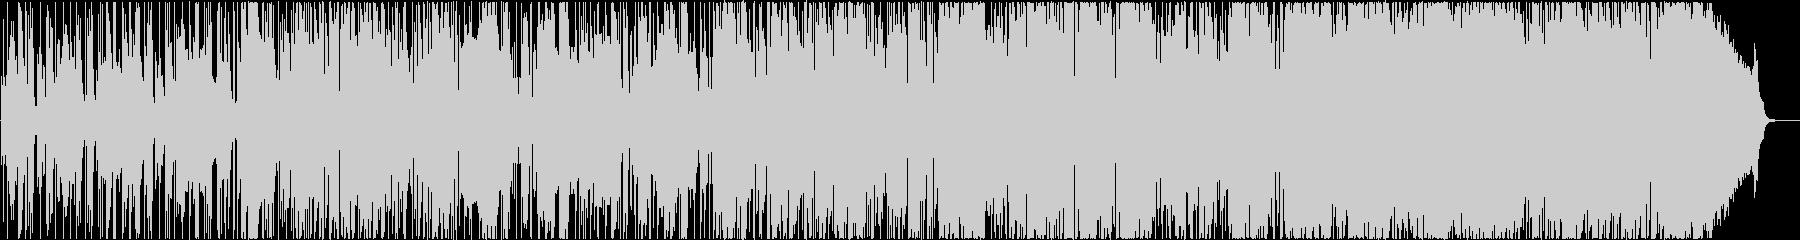 アルトサックスのお洒落なスムースジャズの未再生の波形